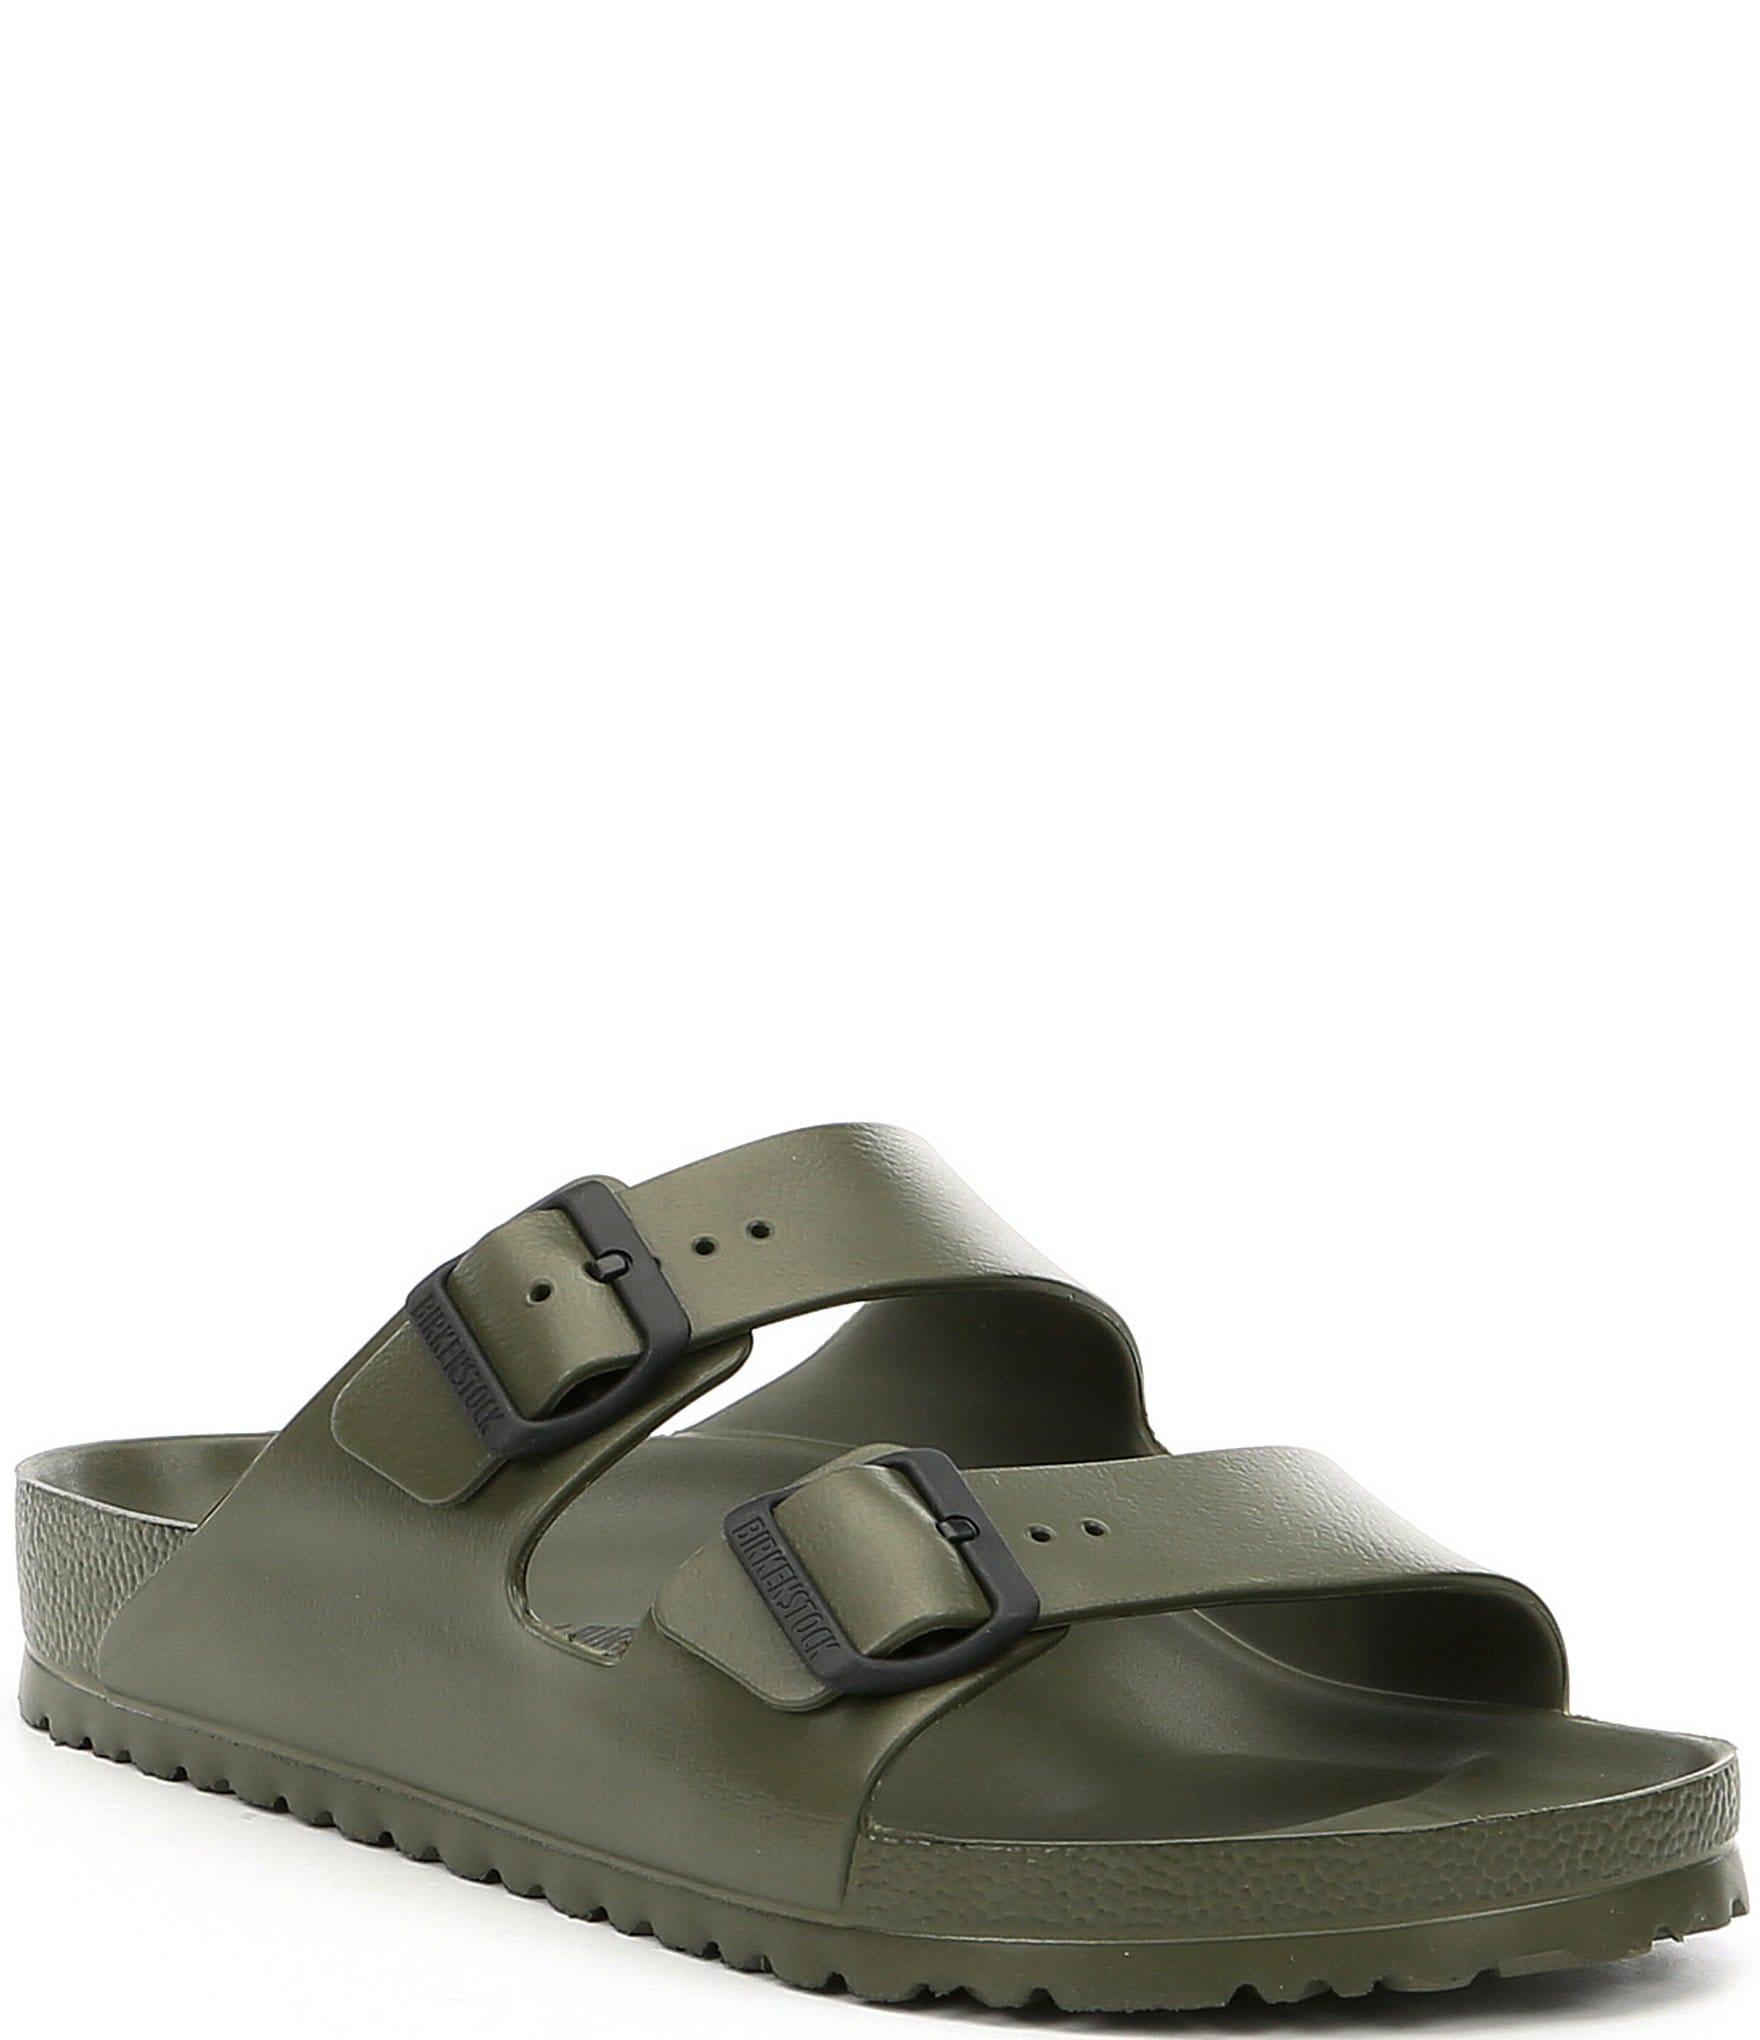 eabaf21e8 Birkenstock Men's Shoes | Dillard's